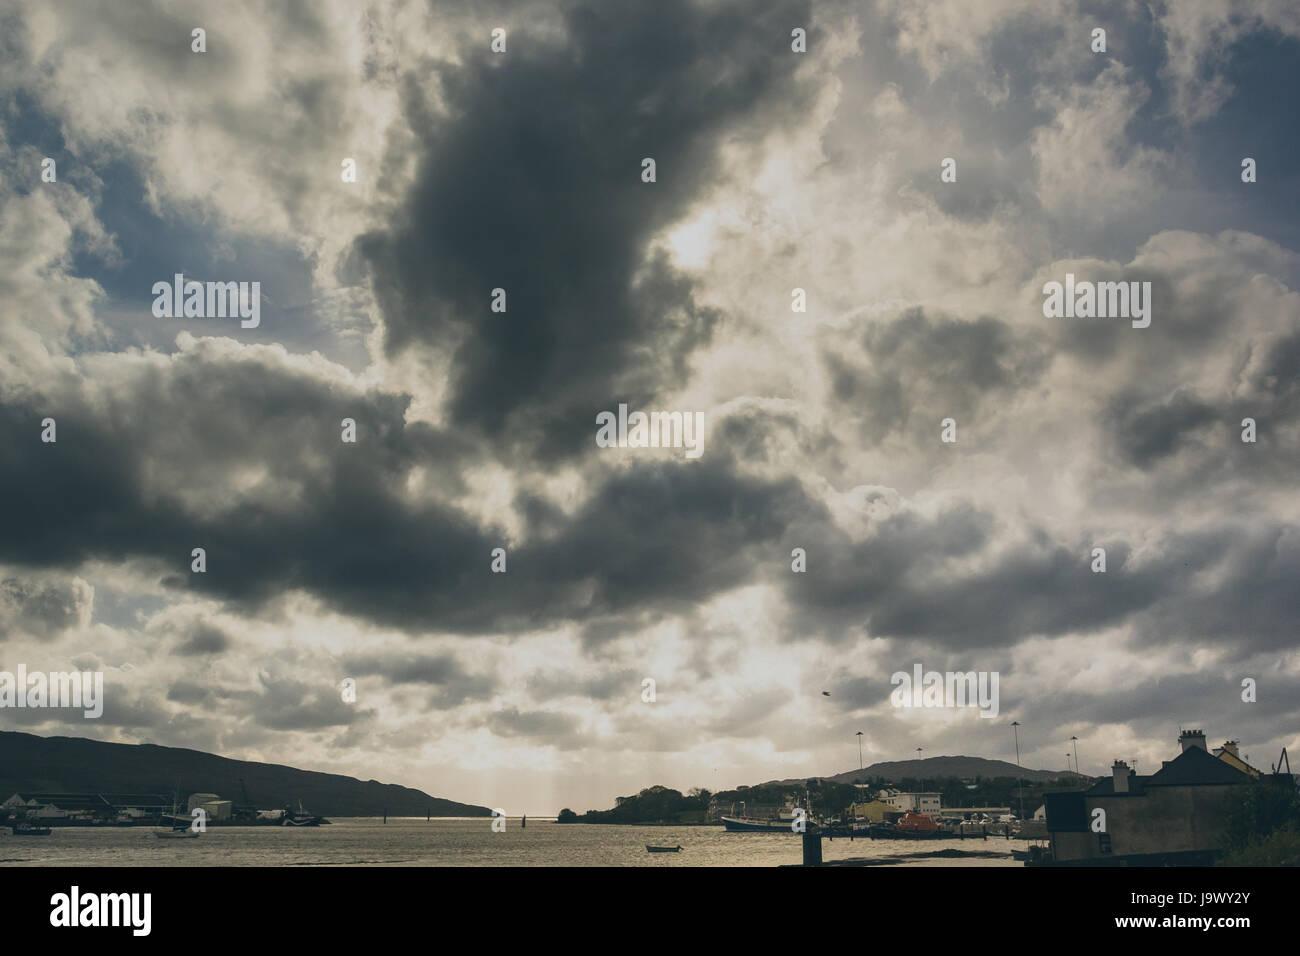 Adevnture Stock Photos Amp Adevnture Stock Images Alamy